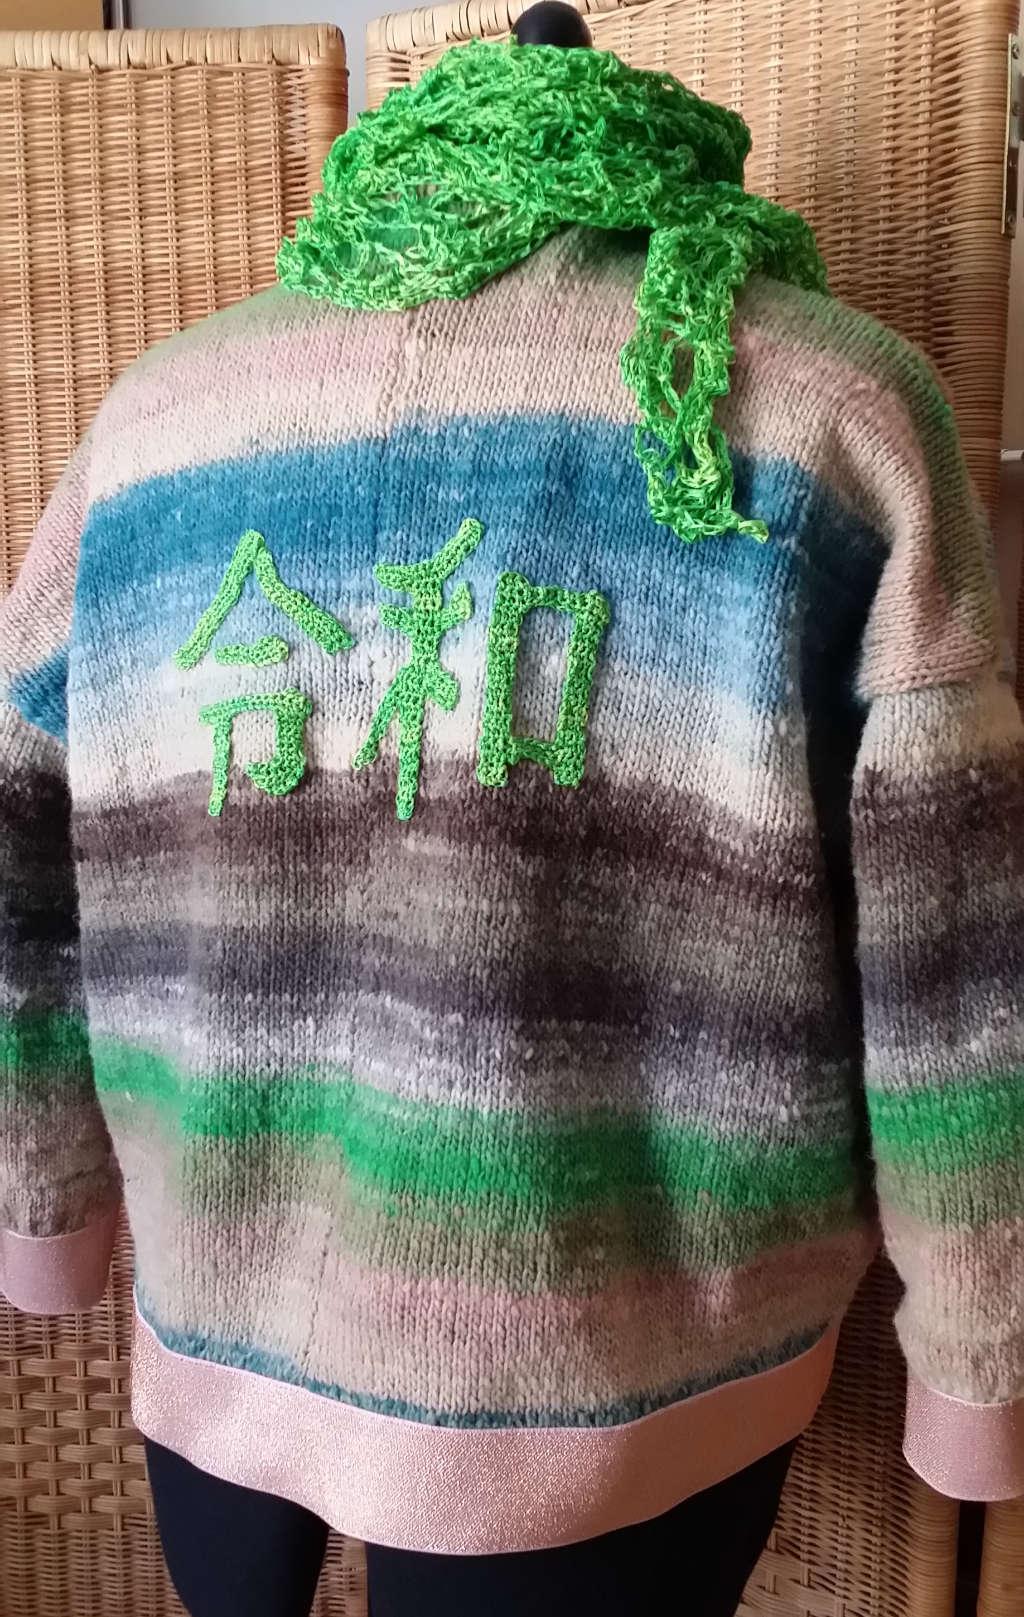 Rückansicht des Reiwa-Pullovers aus Noro Kureyon 343 von Noromaniac mit grünem Seidentuch. Foto: Katrin Walter